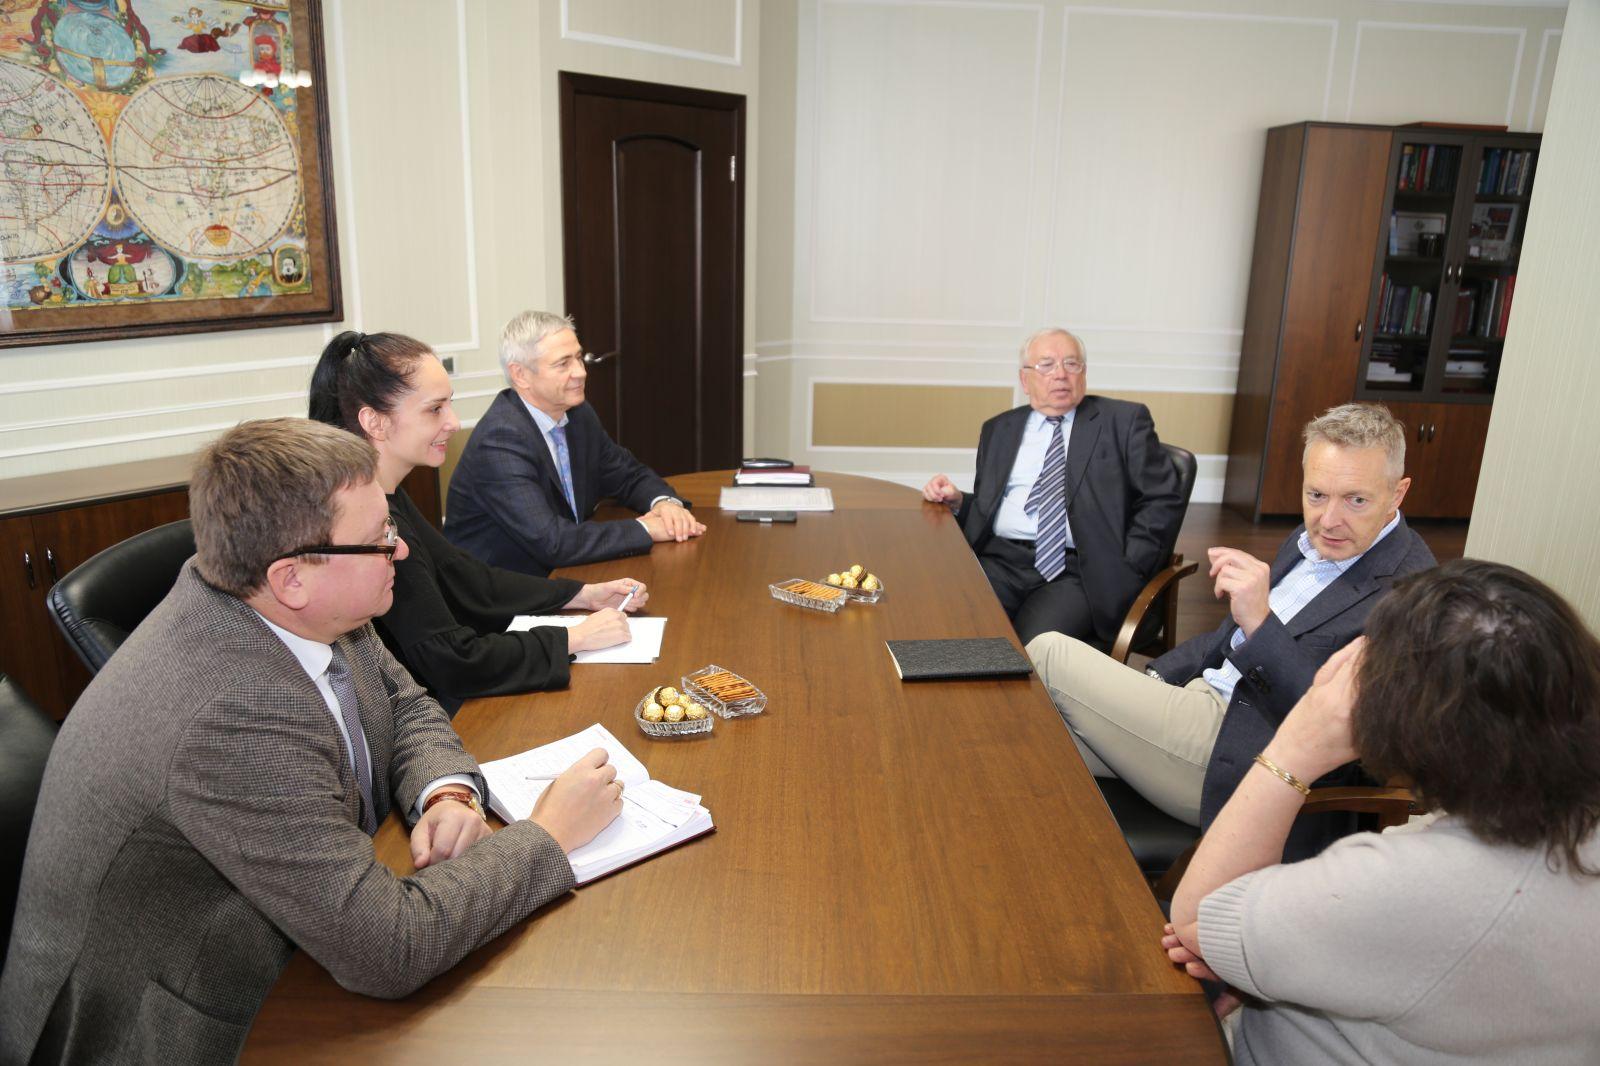 В офисе ПКР состоялась рабочая встреча В.П. Лукина, П.А. Рожкова, А.А. Строкина и независимого международного эксперта ВАДА г-на Питера-Ричарда Николсона